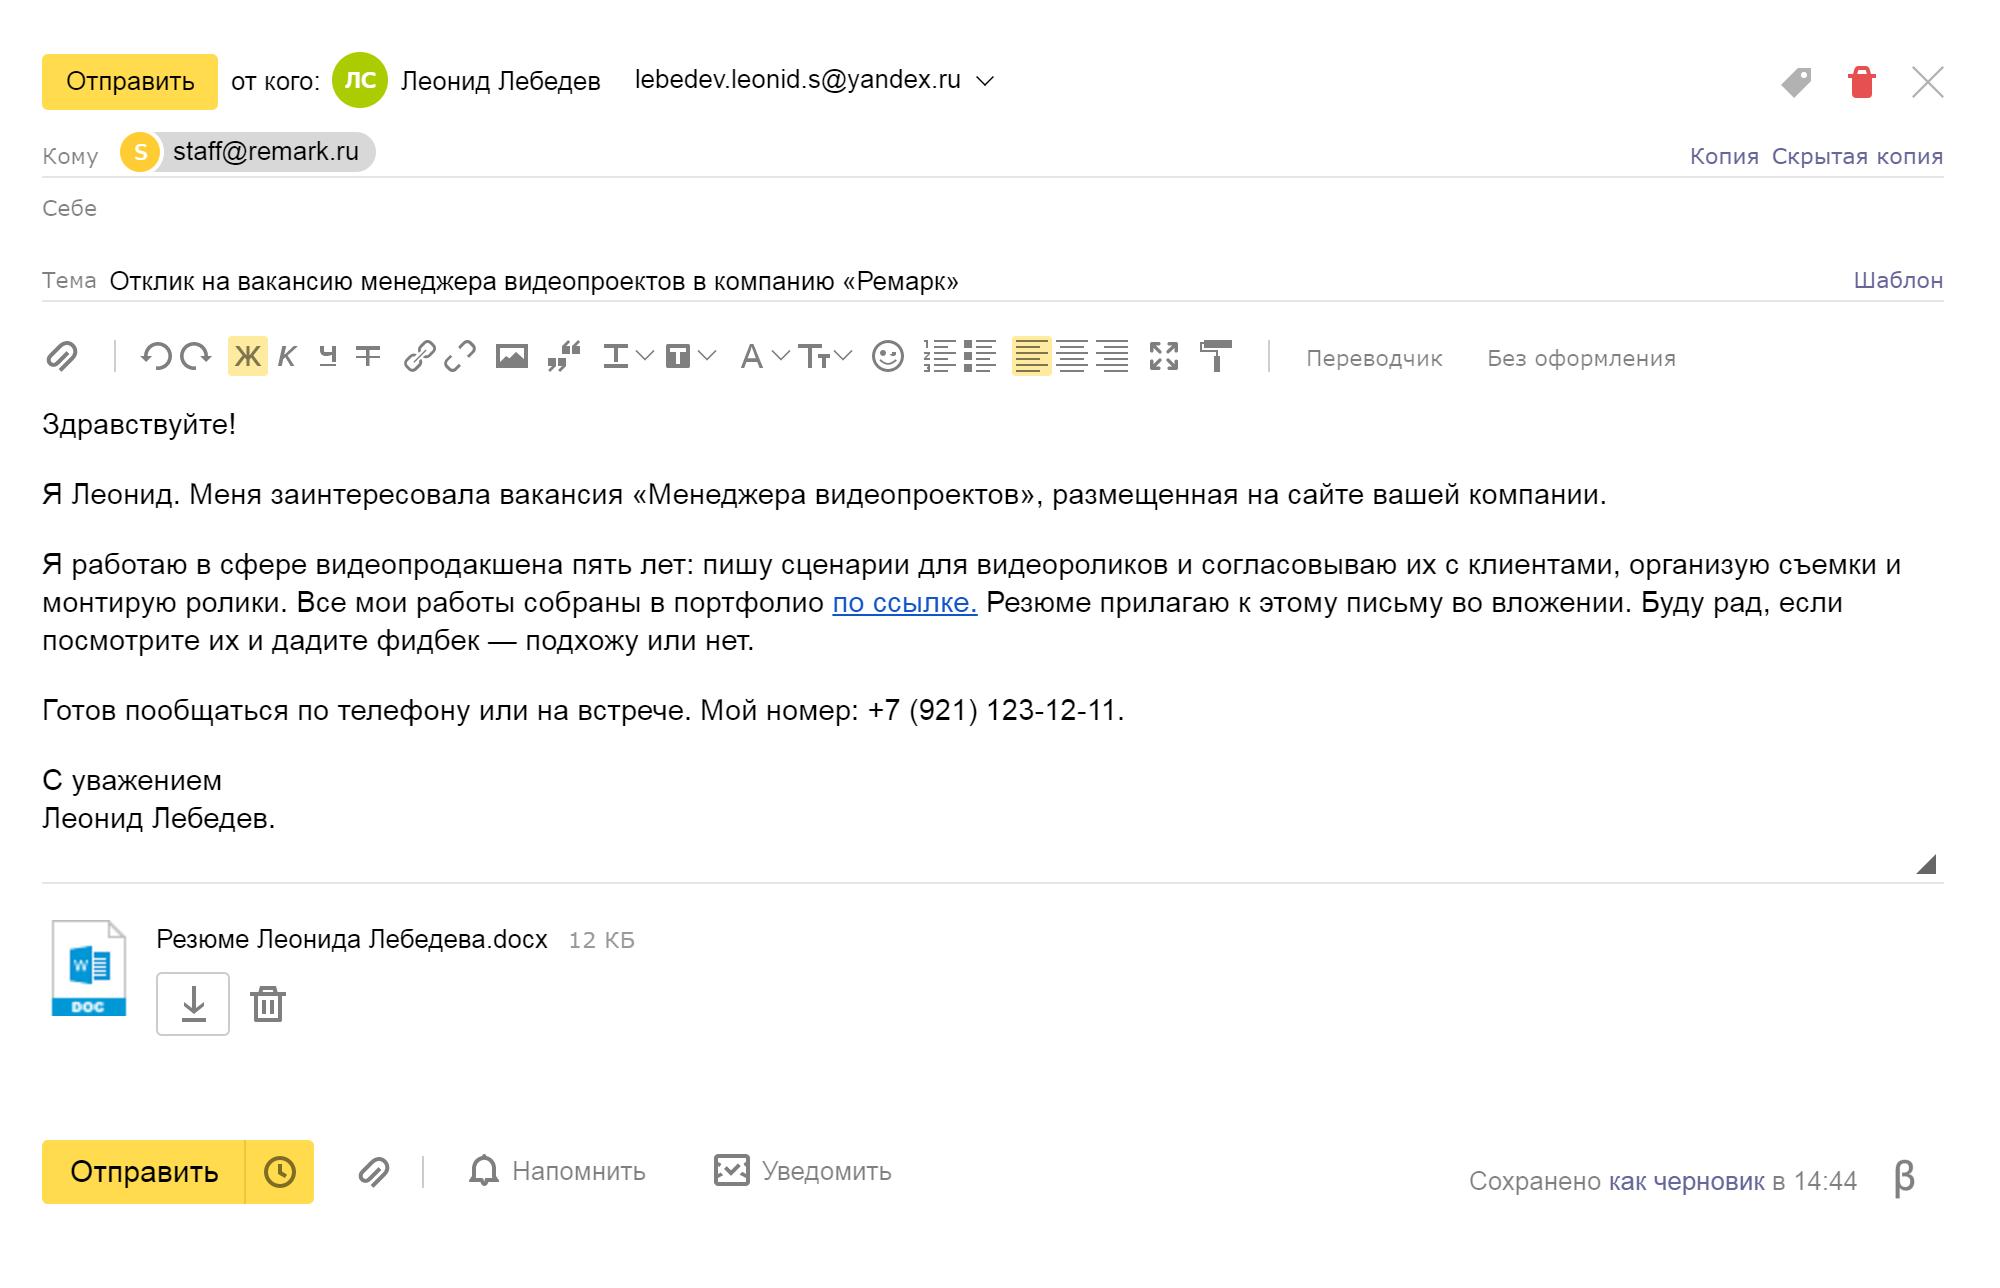 Обратите внимание на адрес электронной почты, скоторого отправляете письмо потенциальному работодателю. Адрес должен содержать ваши фамилию, имя ибыть вцелом читабельным. Нежелательно отправлять письмо садресов типа luchshiy-muzh-andrushka-2009@ya.ru или vefhvtmbrdgvneli2@mail.ru, потому что работодатель может невоспринять кандидата как делового человека